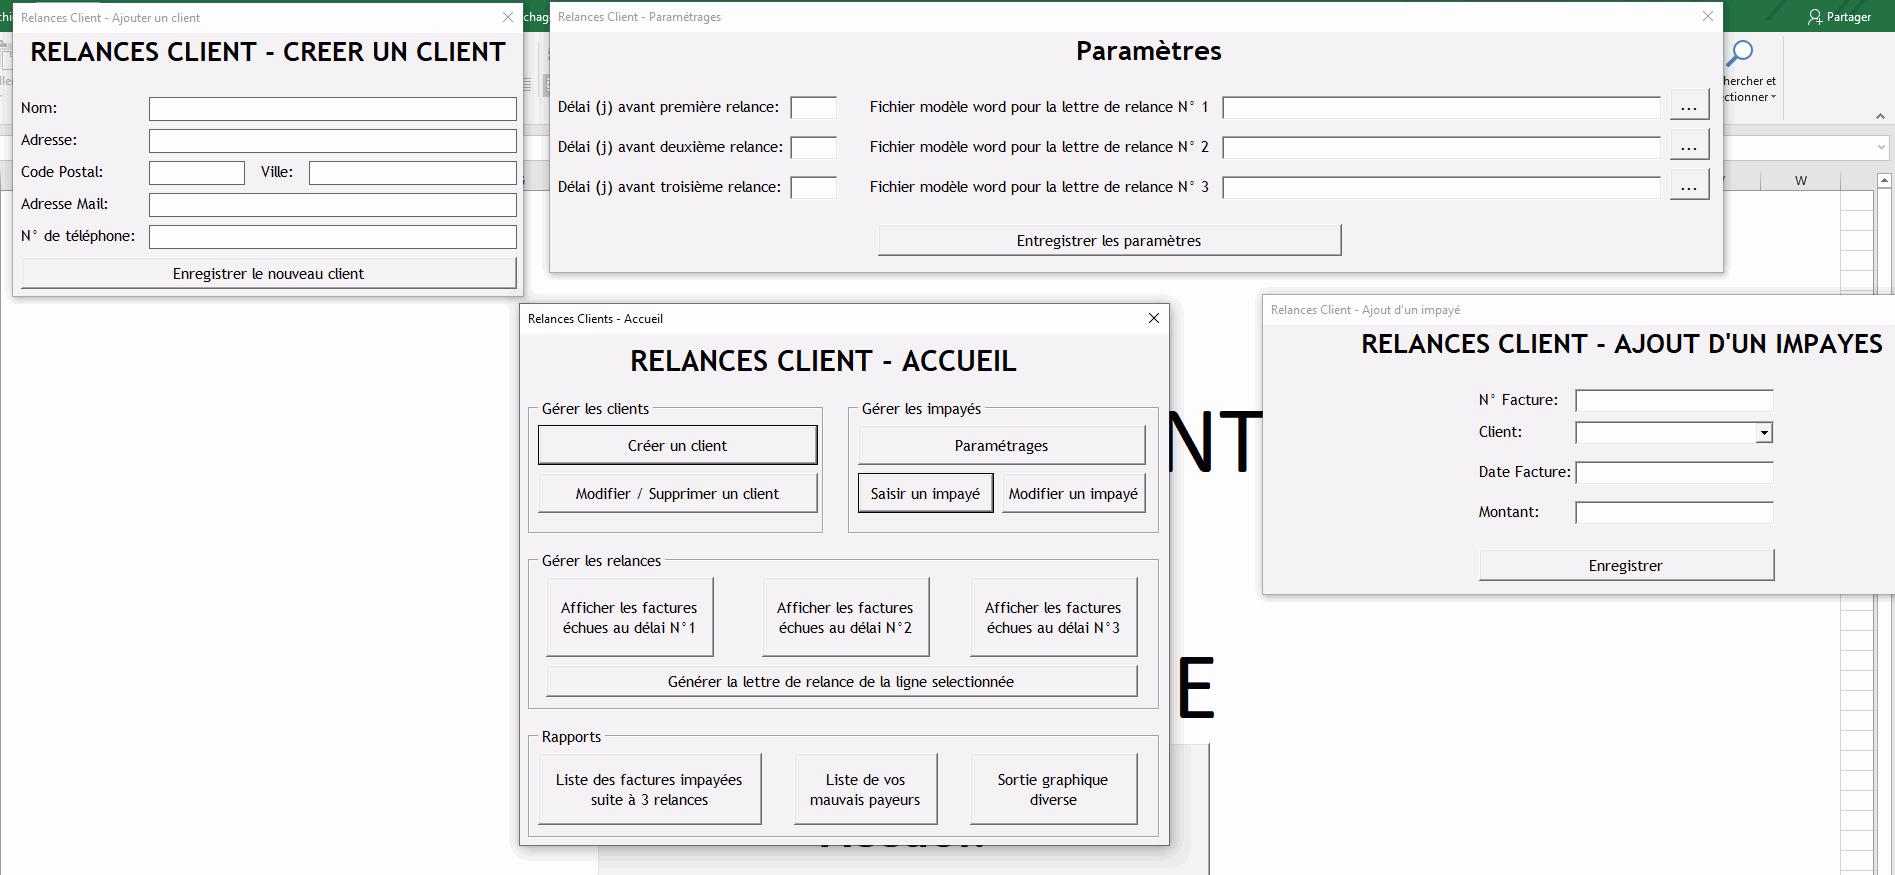 excel relance client